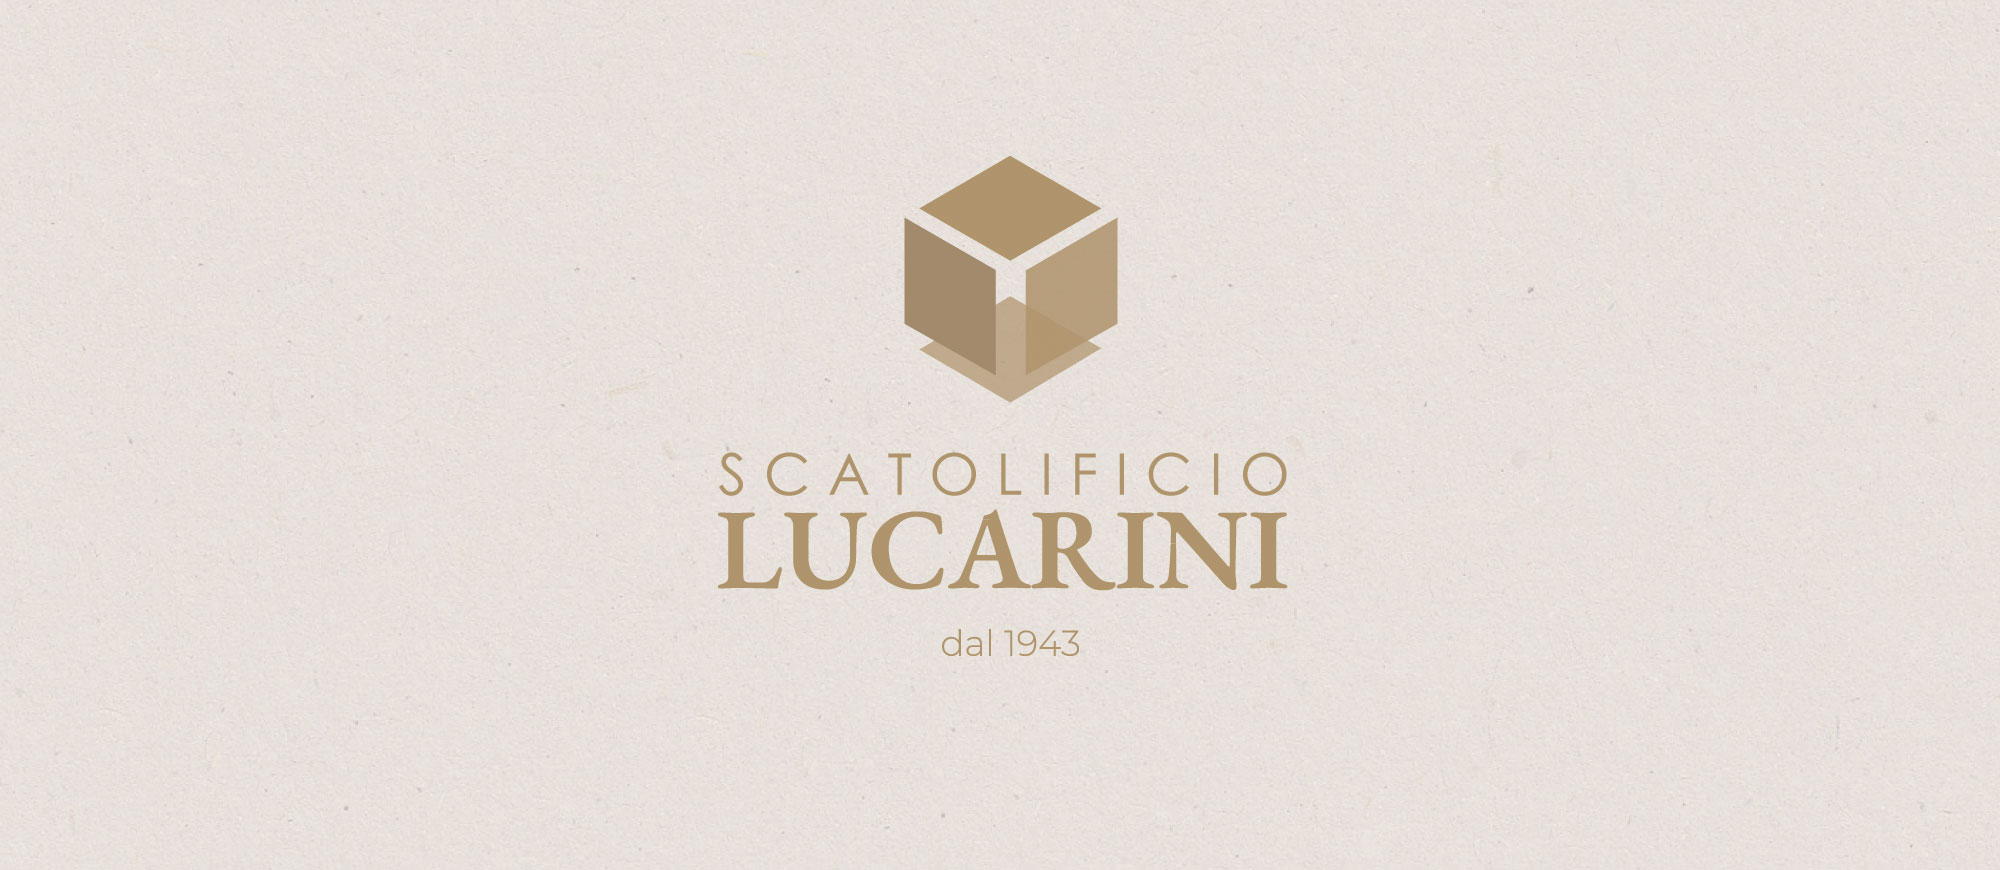 scatolificio-lucarini-ancona